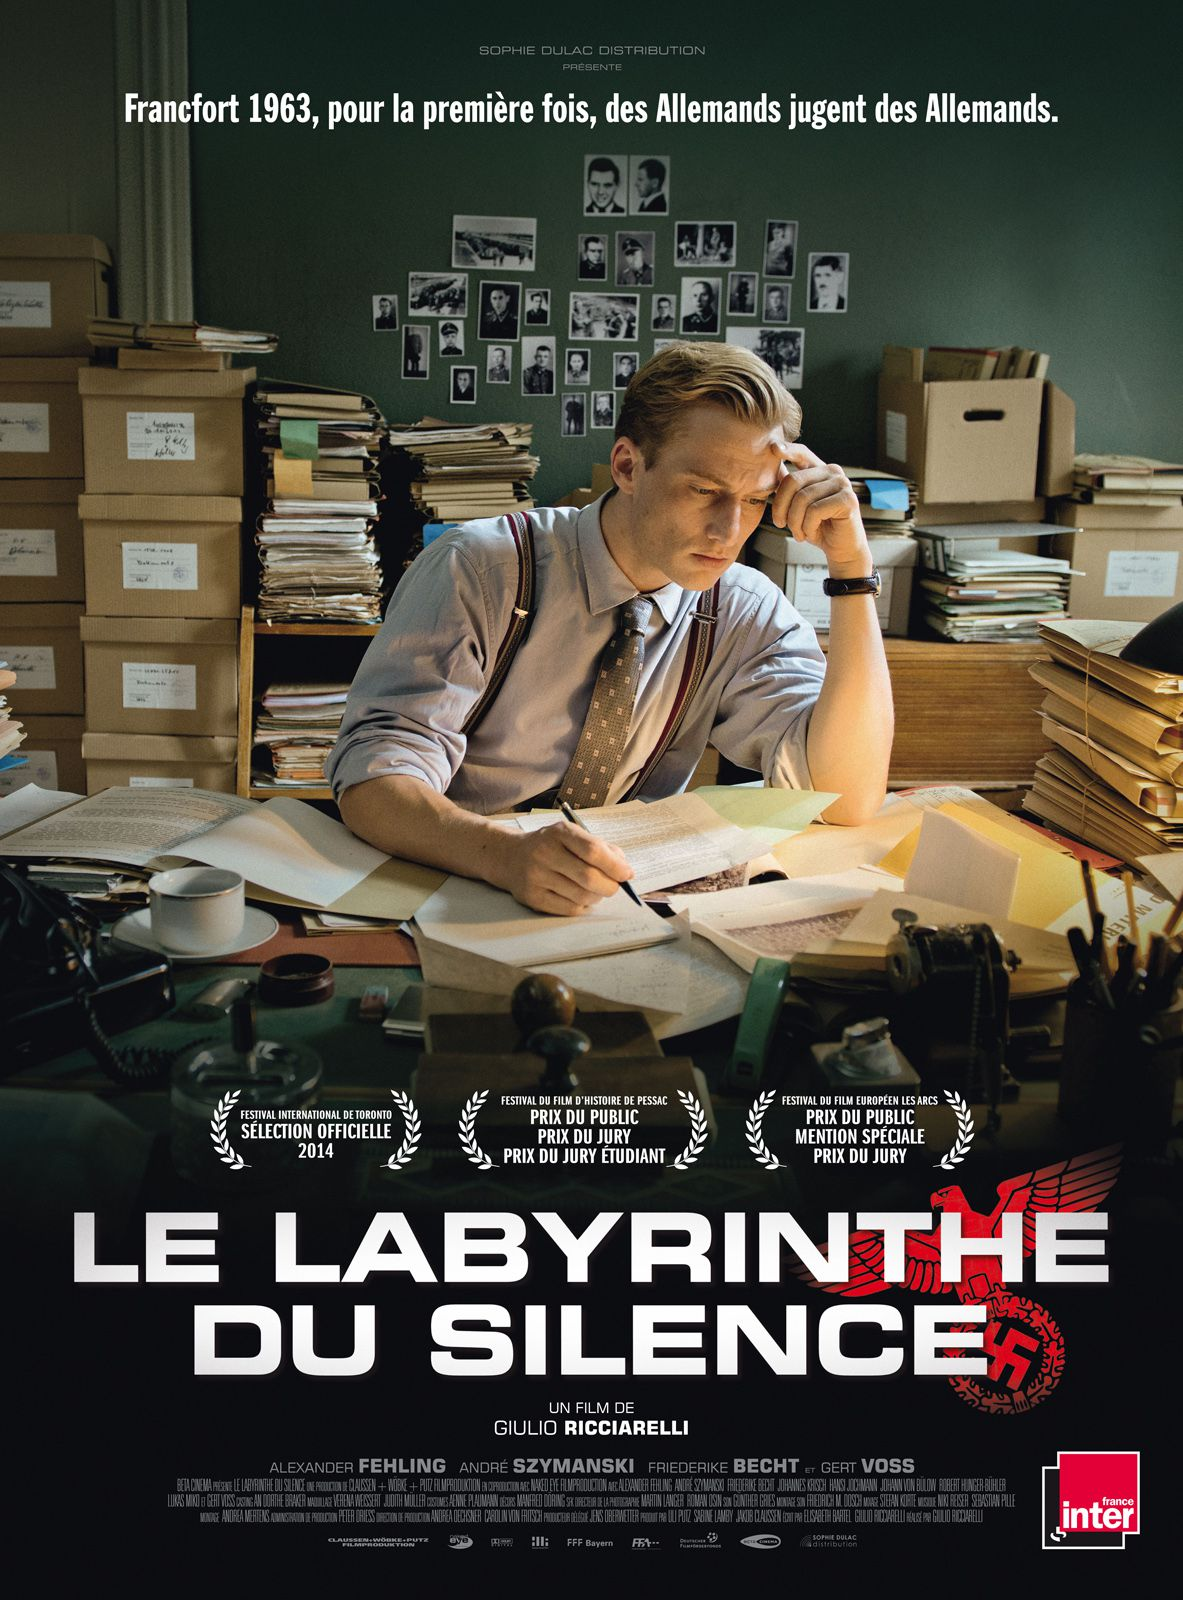 Le Labyrinthe du silence - Film (2014)